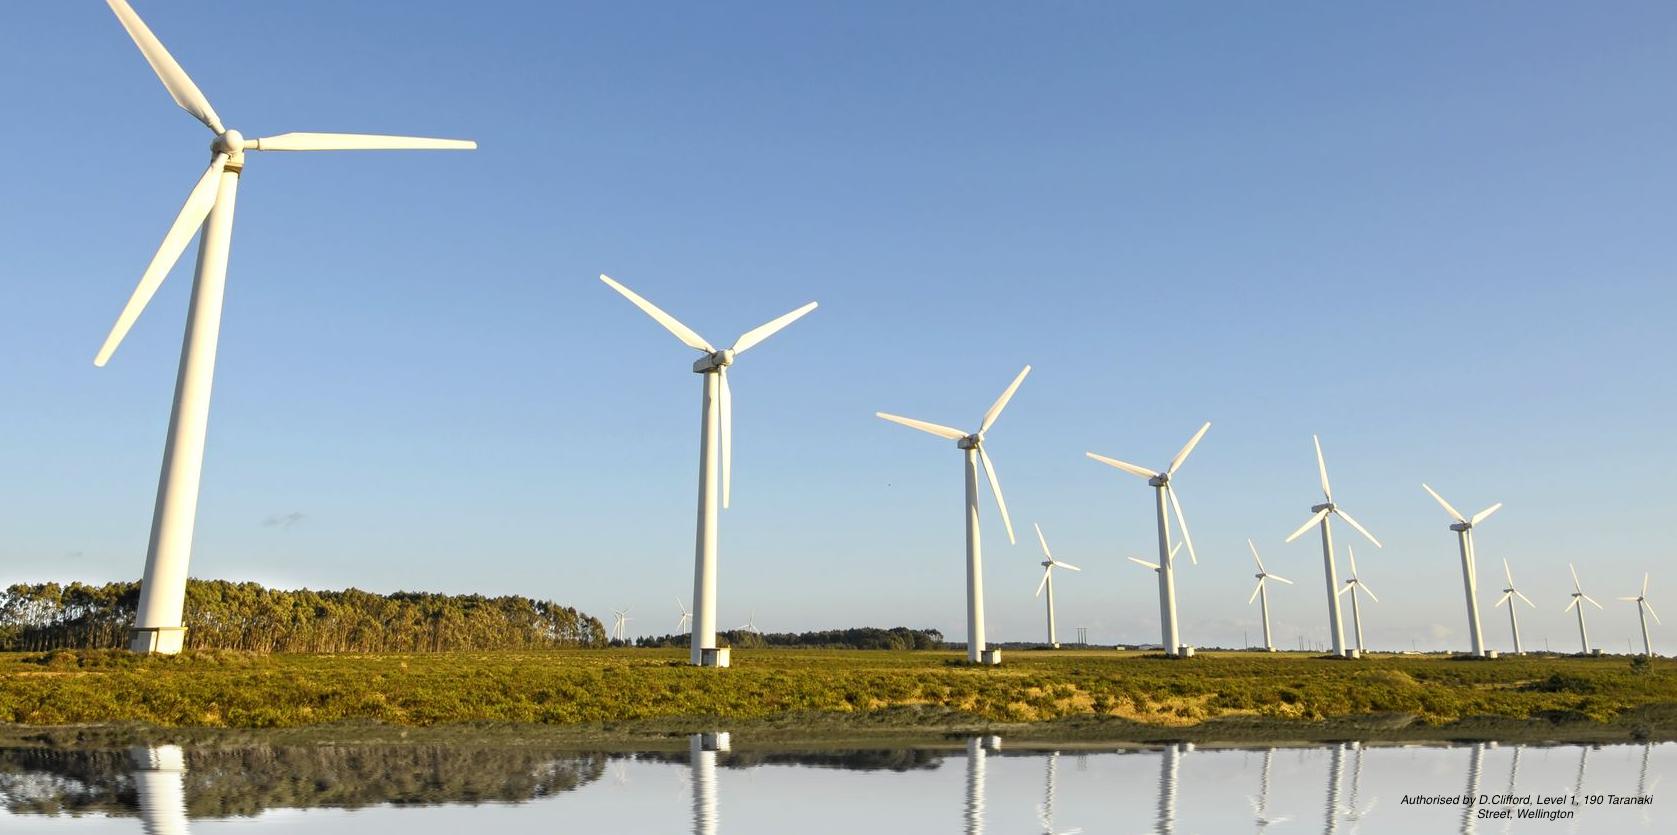 Kudos On Zero Carbon Commitment